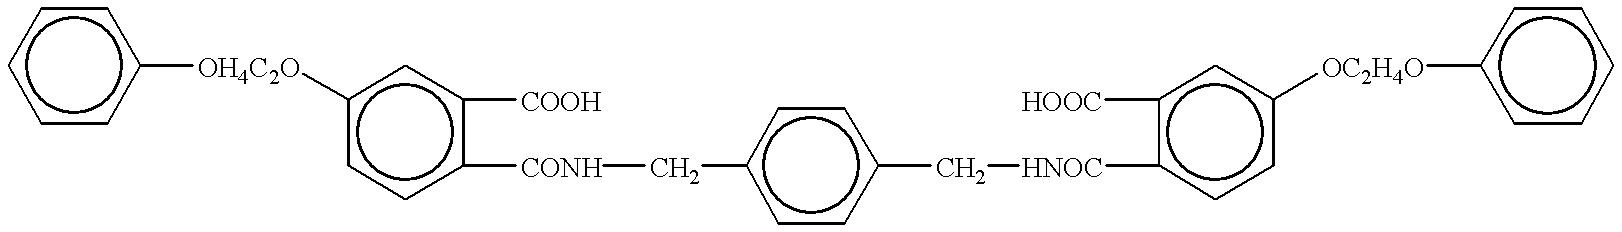 Figure US06180560-20010130-C00499